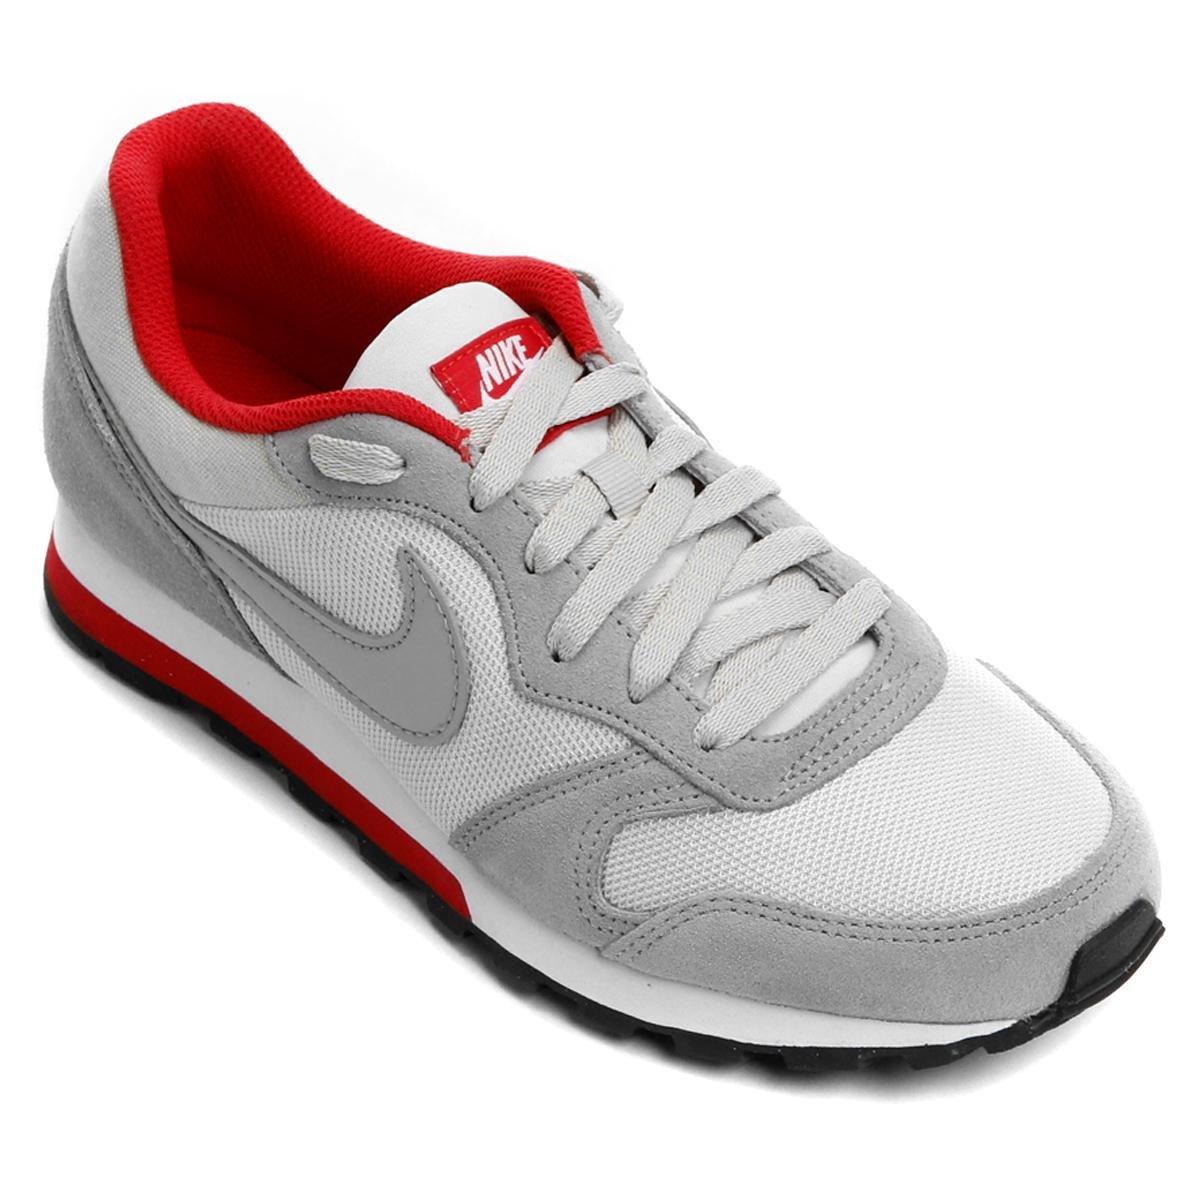 208d38cdba47e Tênis Nike Md Runner 2 Masculino - Cinza e Vermelho - Compre Agora ...